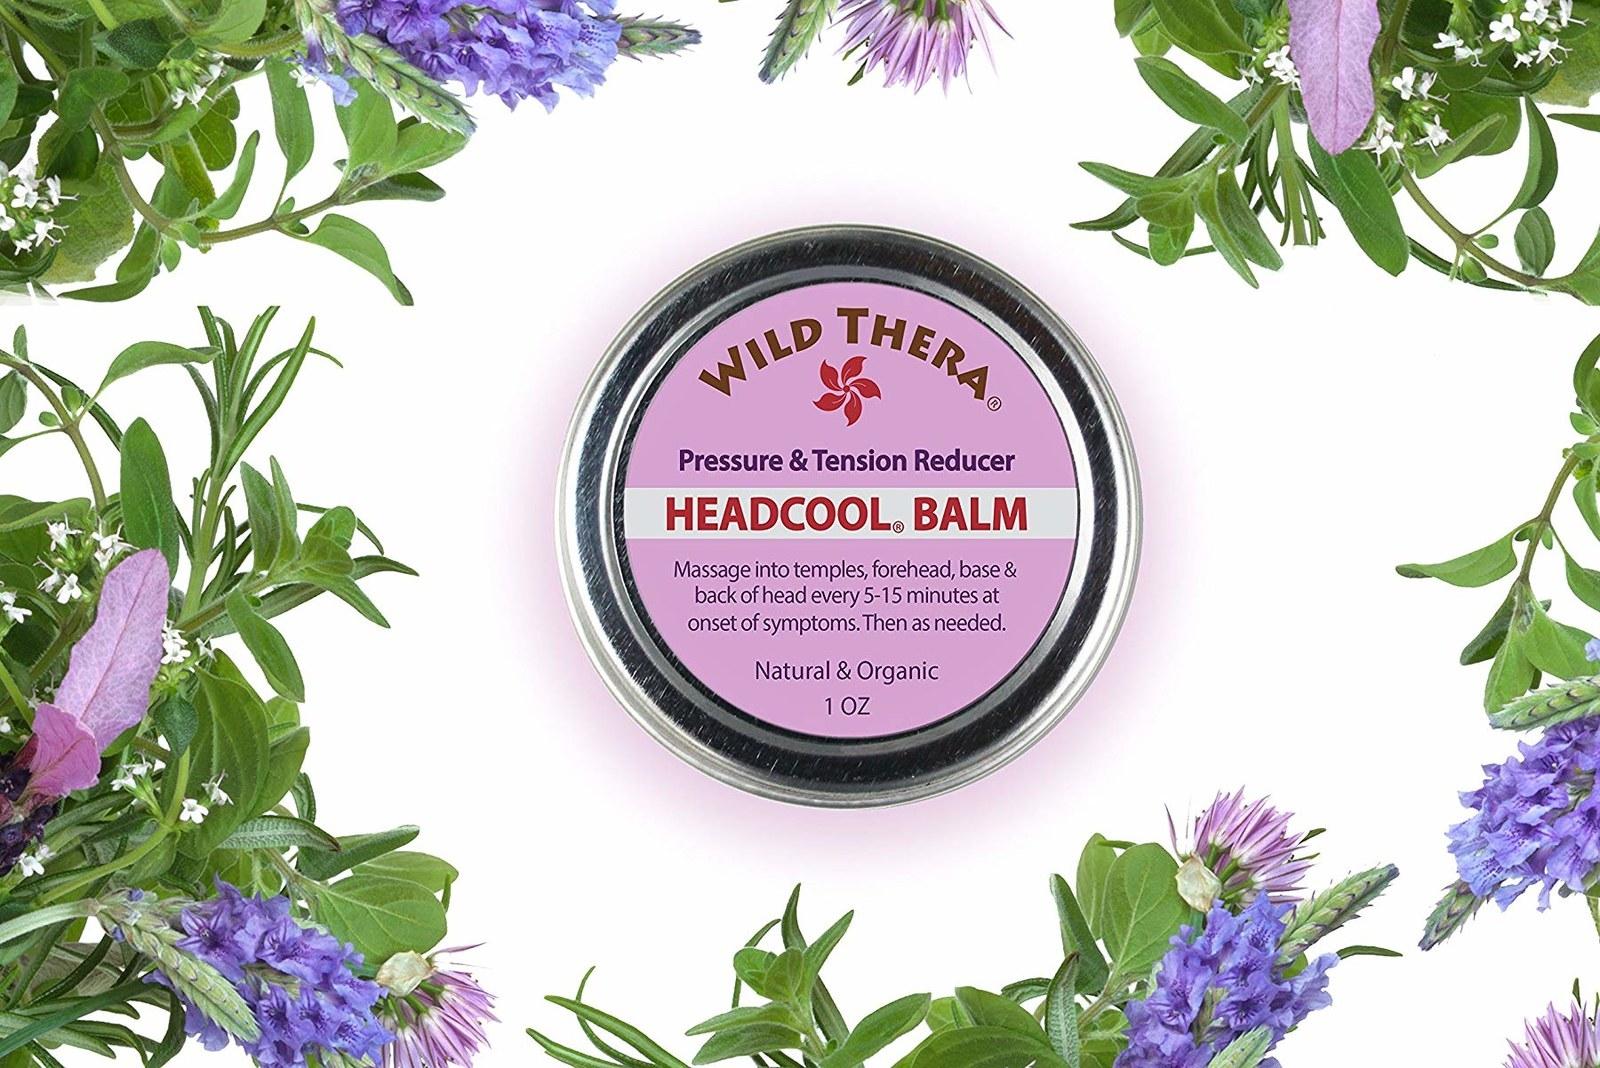 The headache relief balm